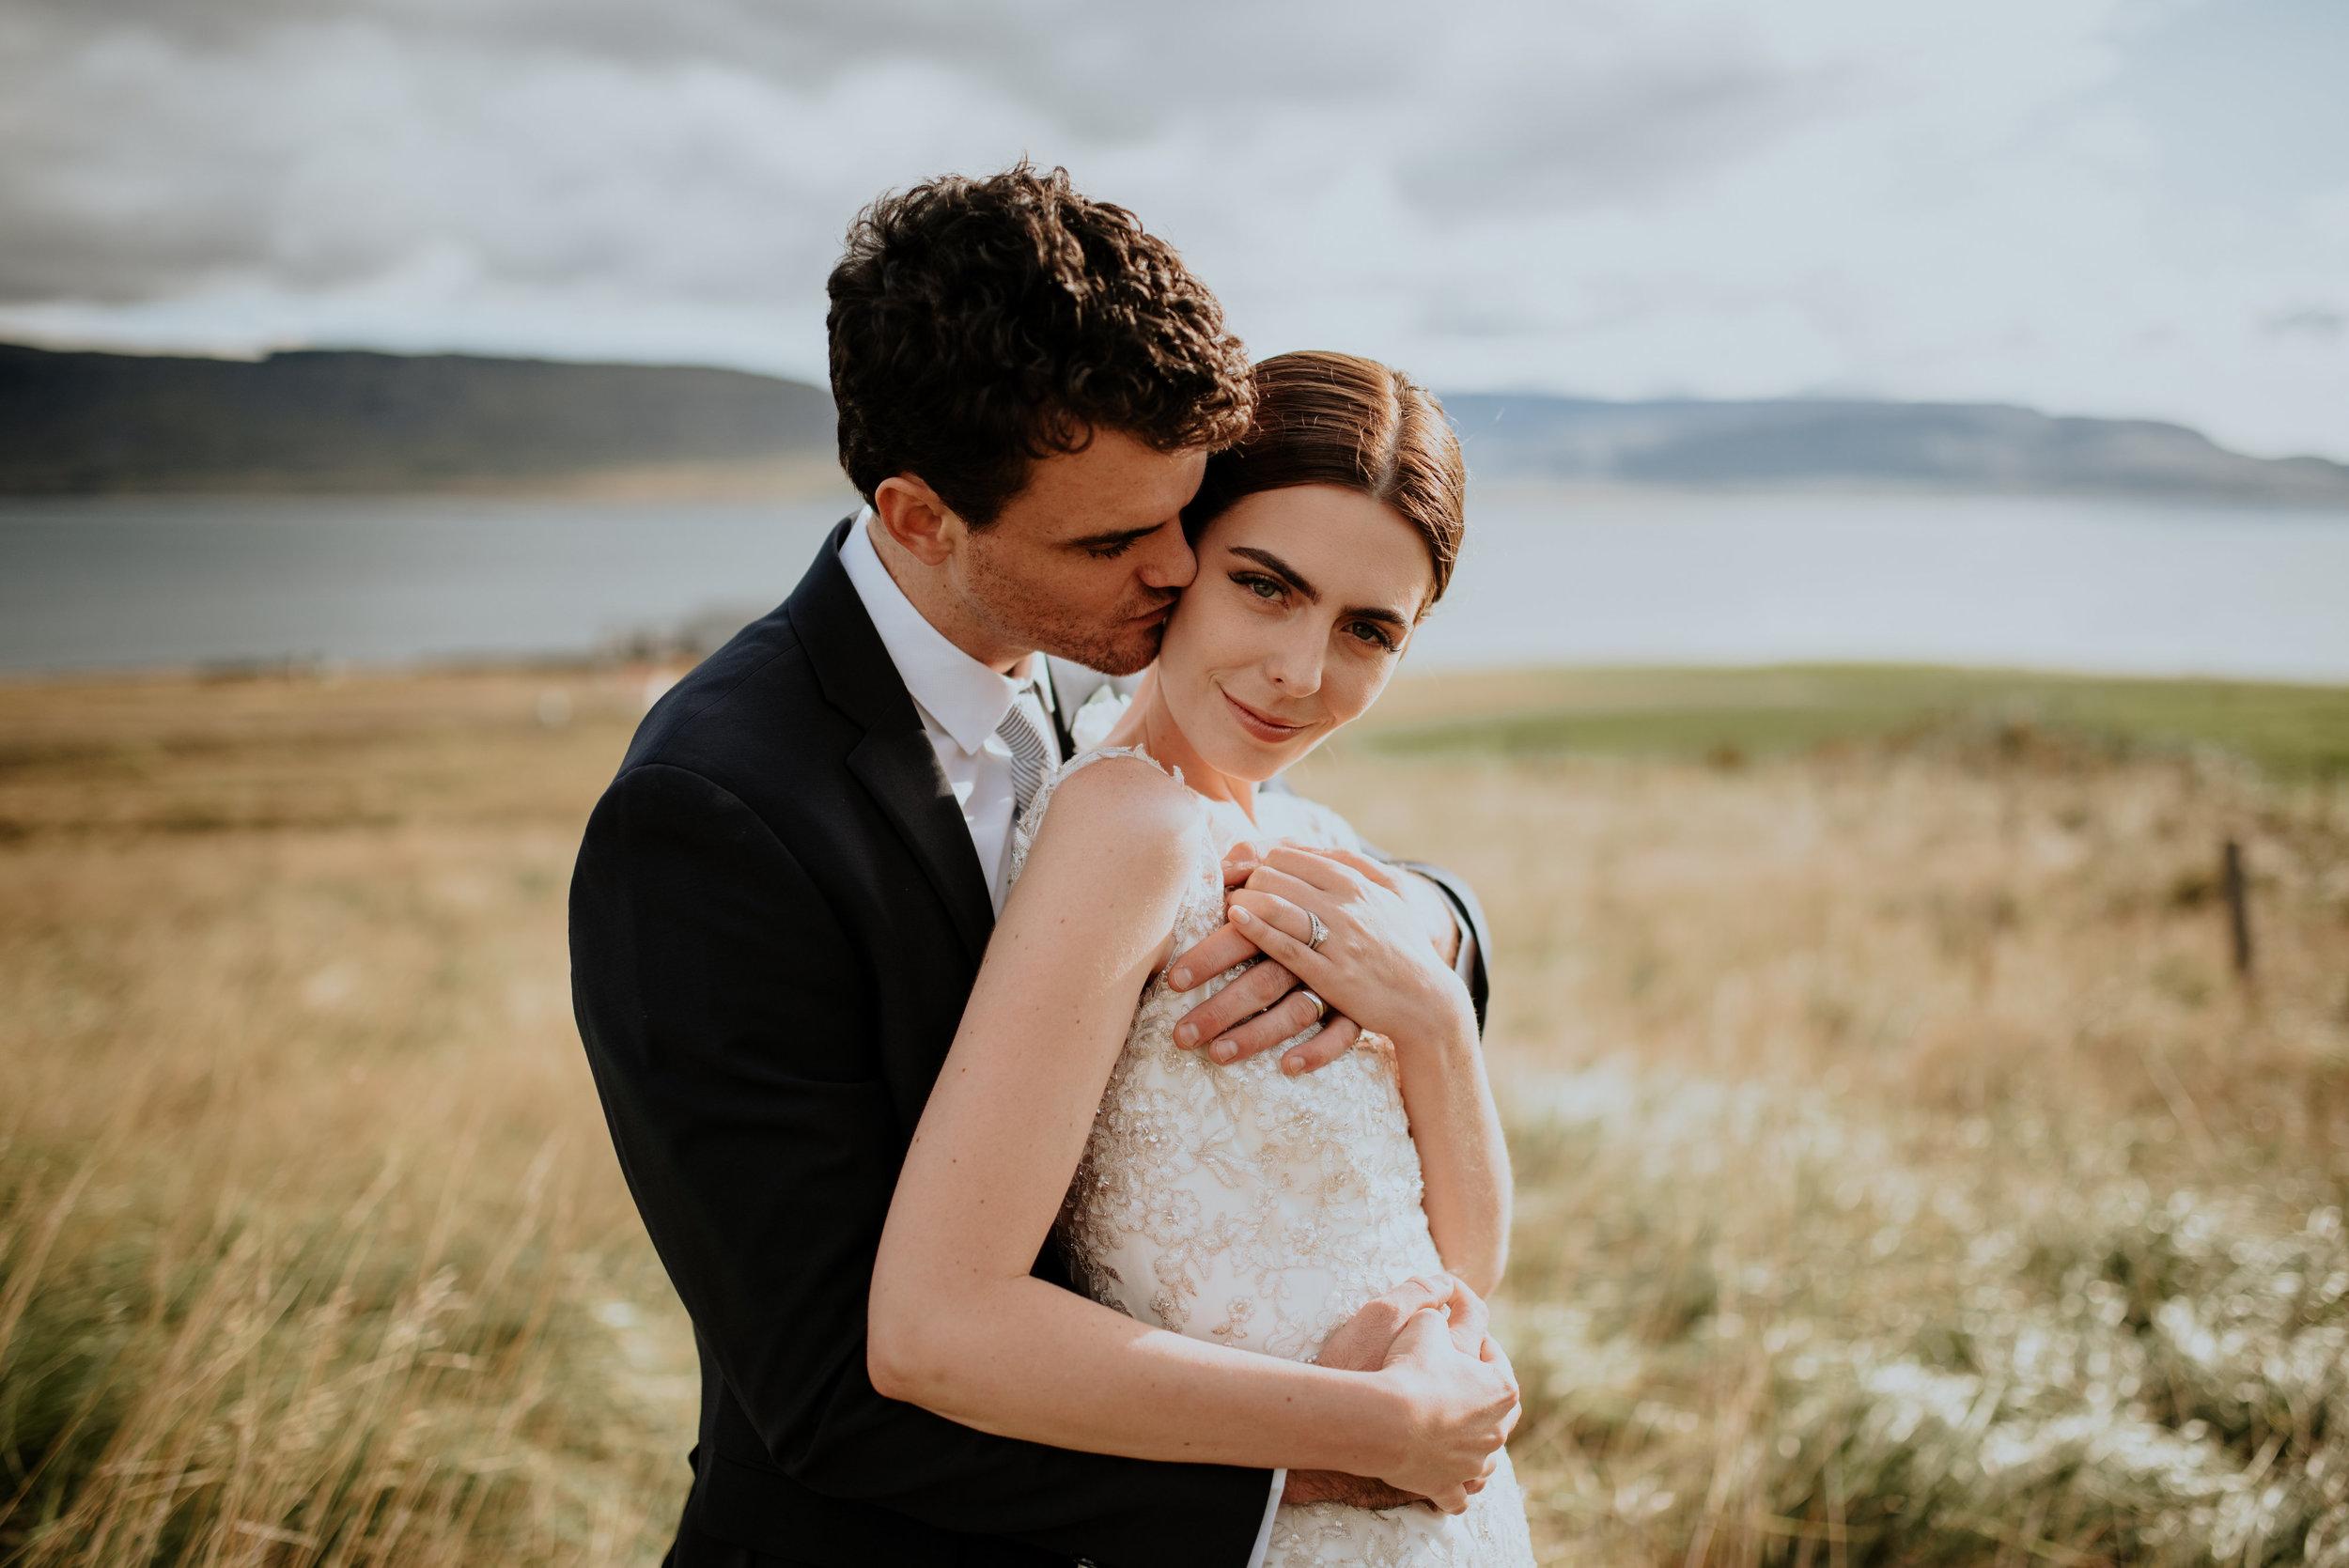 Iceland-Outdoor-Destination-Wedding